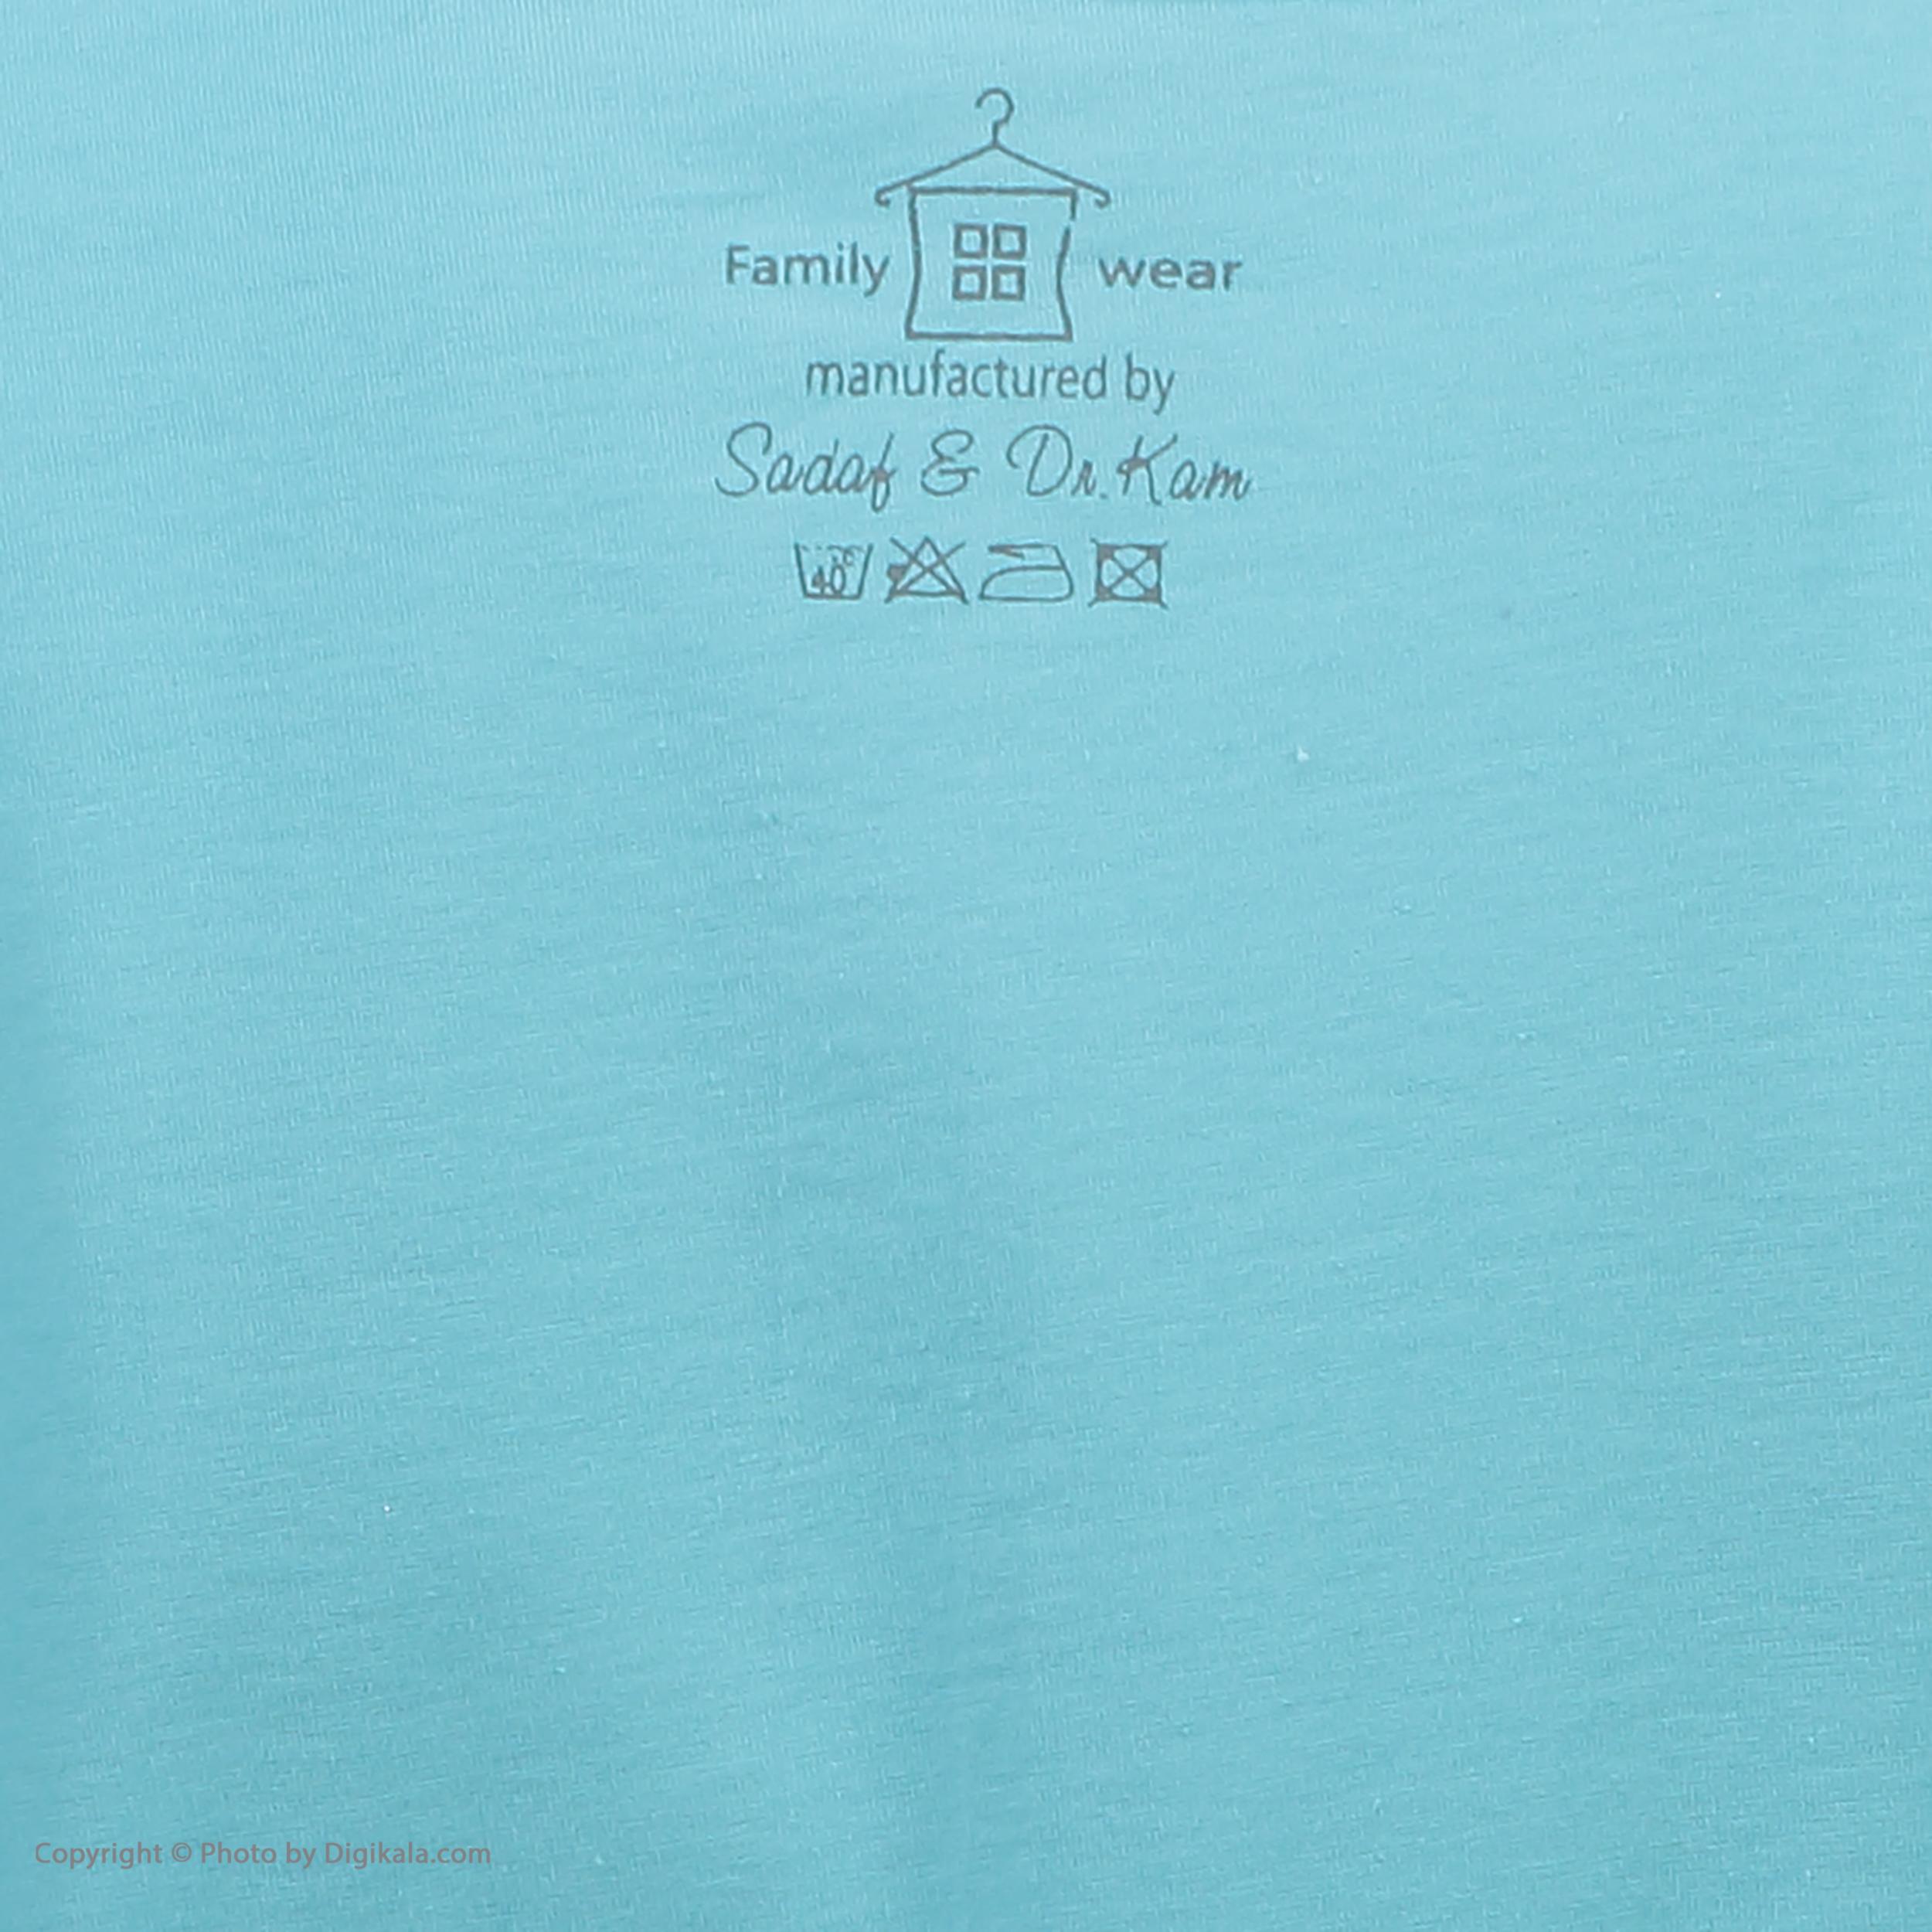 تی شرت آستین کوتاه زنانهفمیلی ورطرح دختر و پیزا کد 0162 رنگ آبی روشن -  - 6